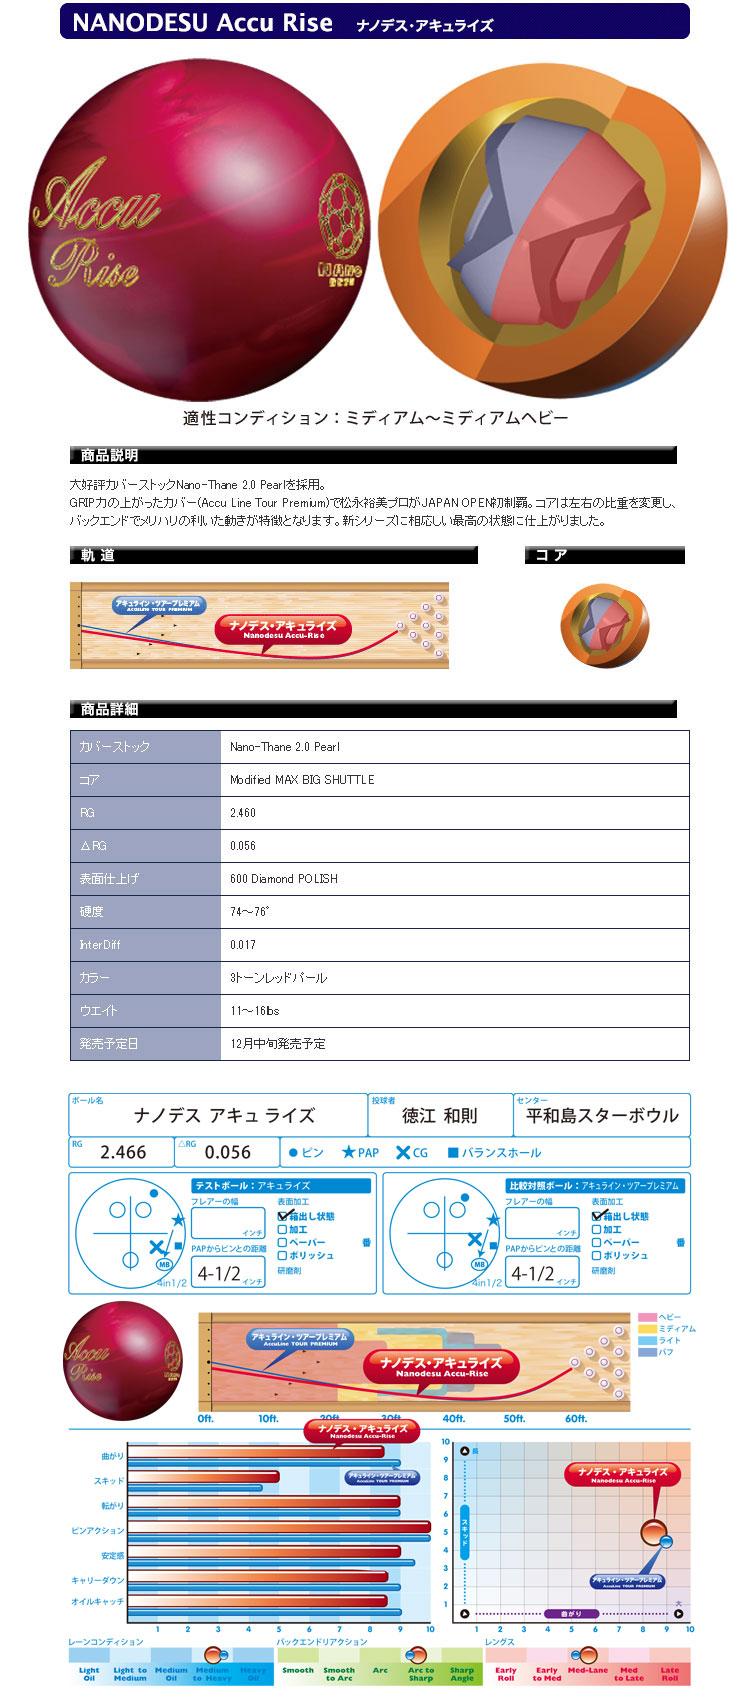 ボウリング用品 ボウリングボール ナノデス アキュライズ NANODESU Accu Rise